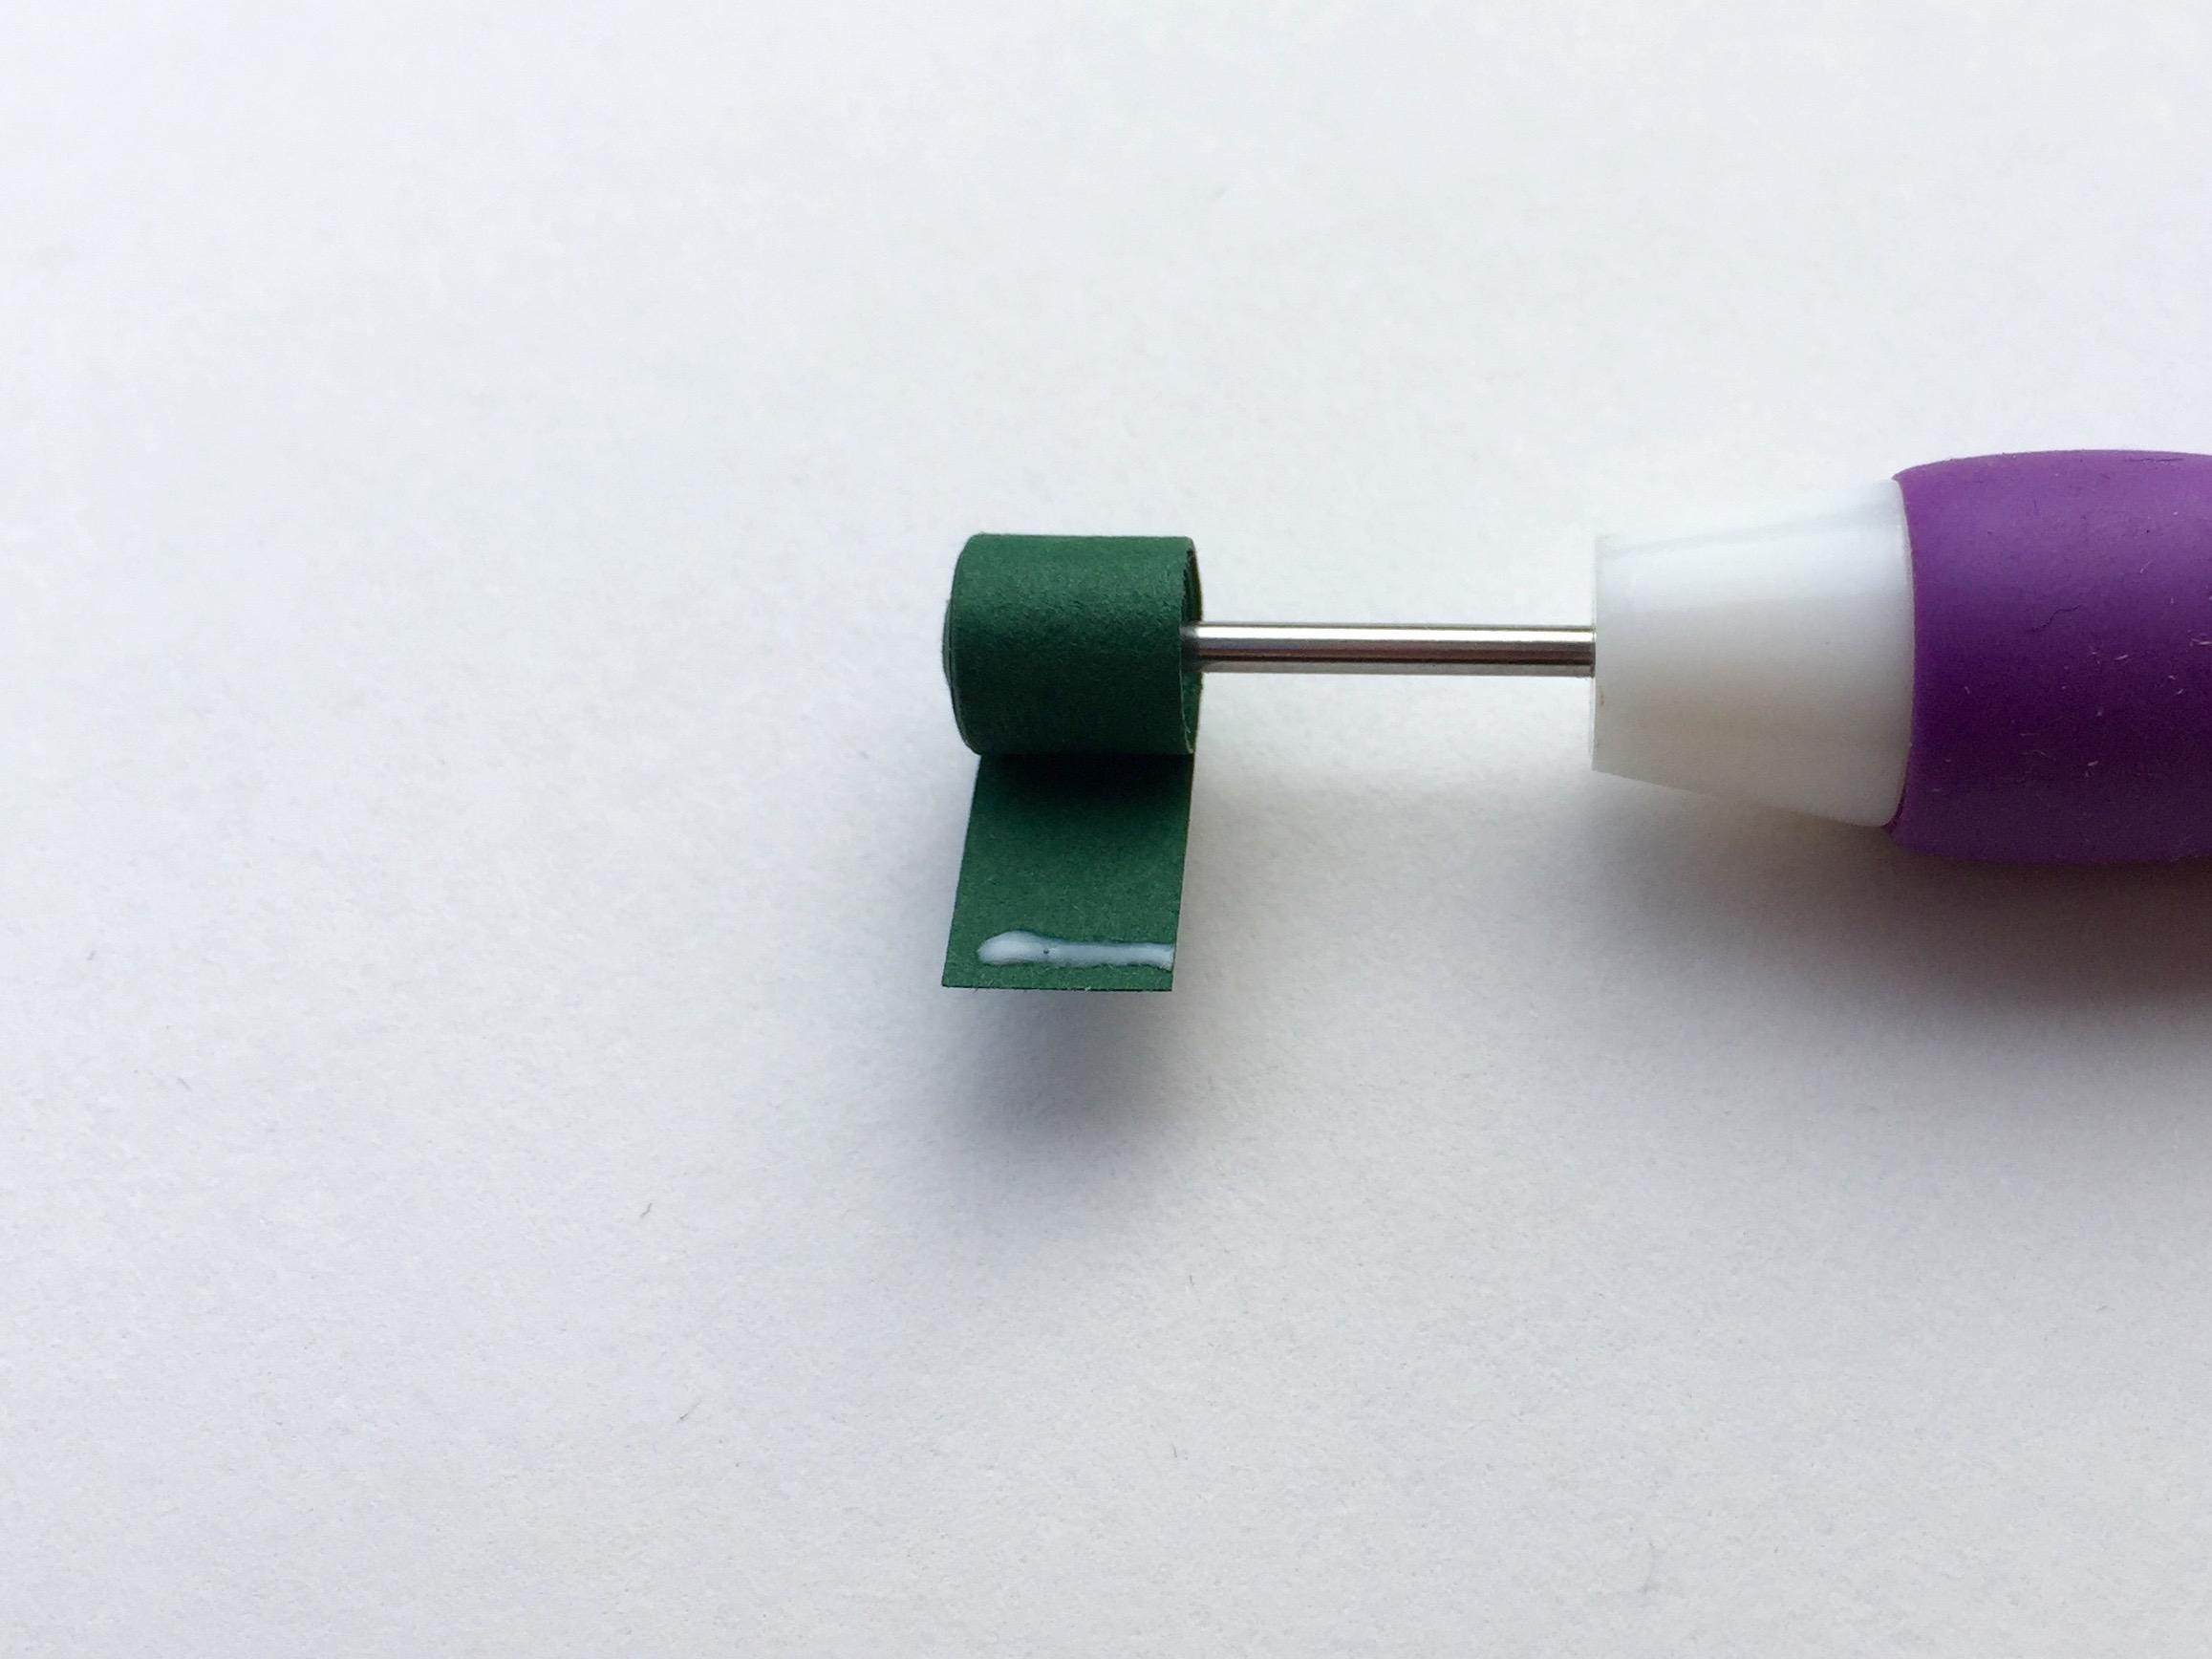 glue closed coil